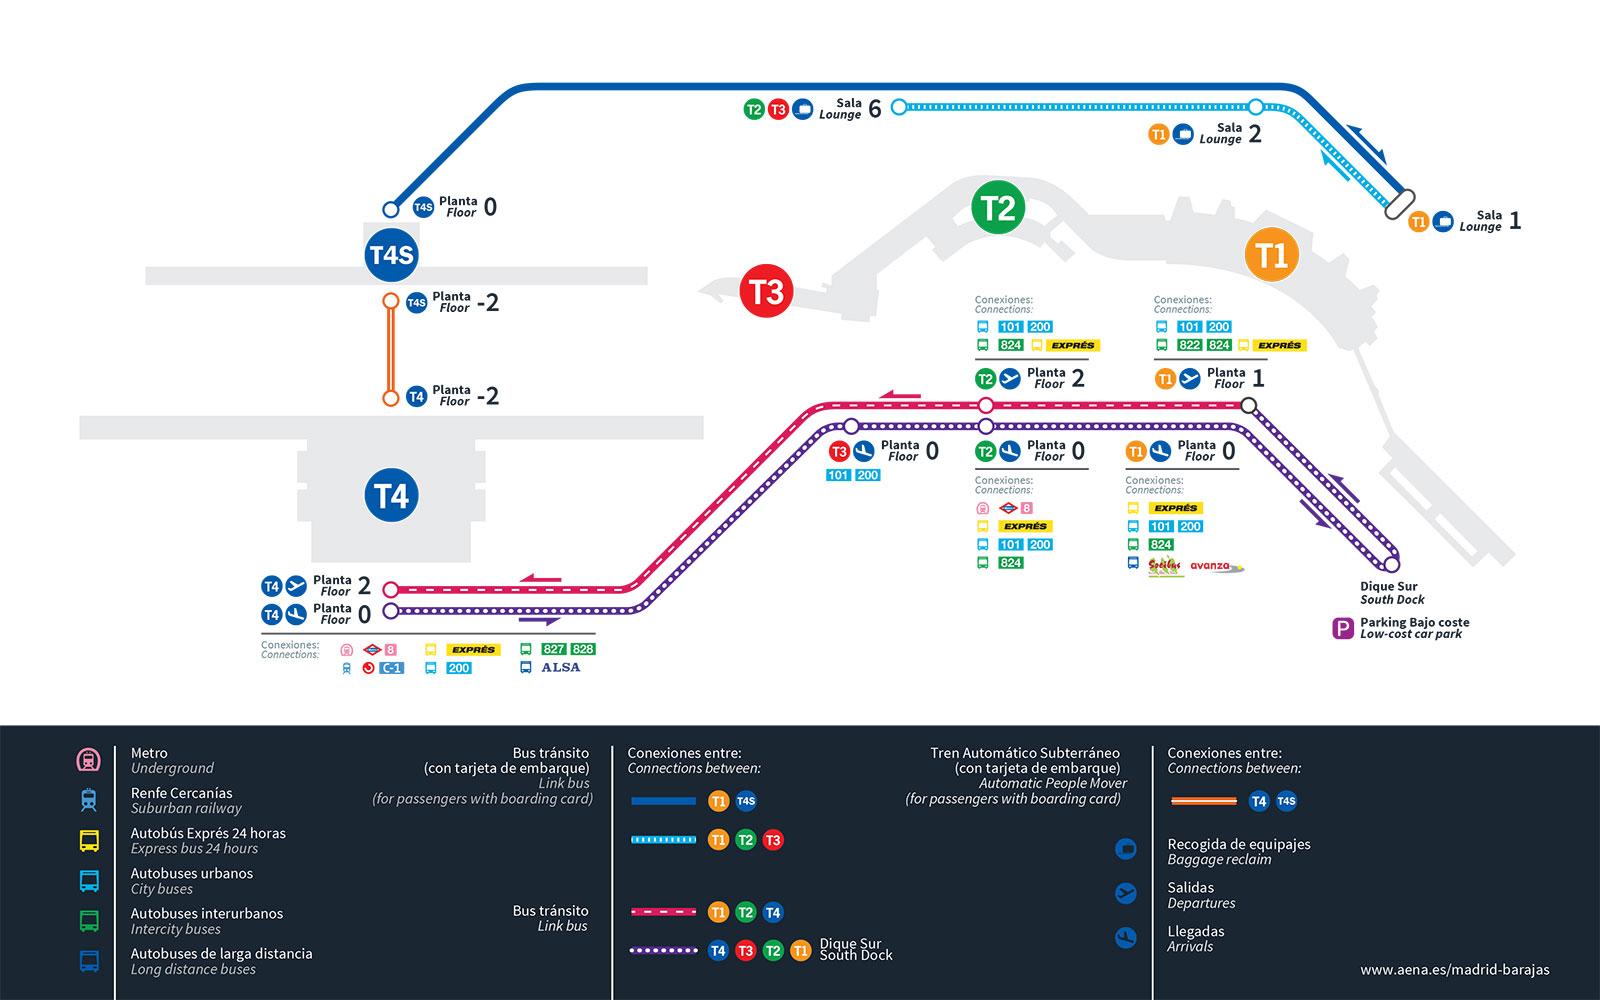 Схема сообщения между терминалами